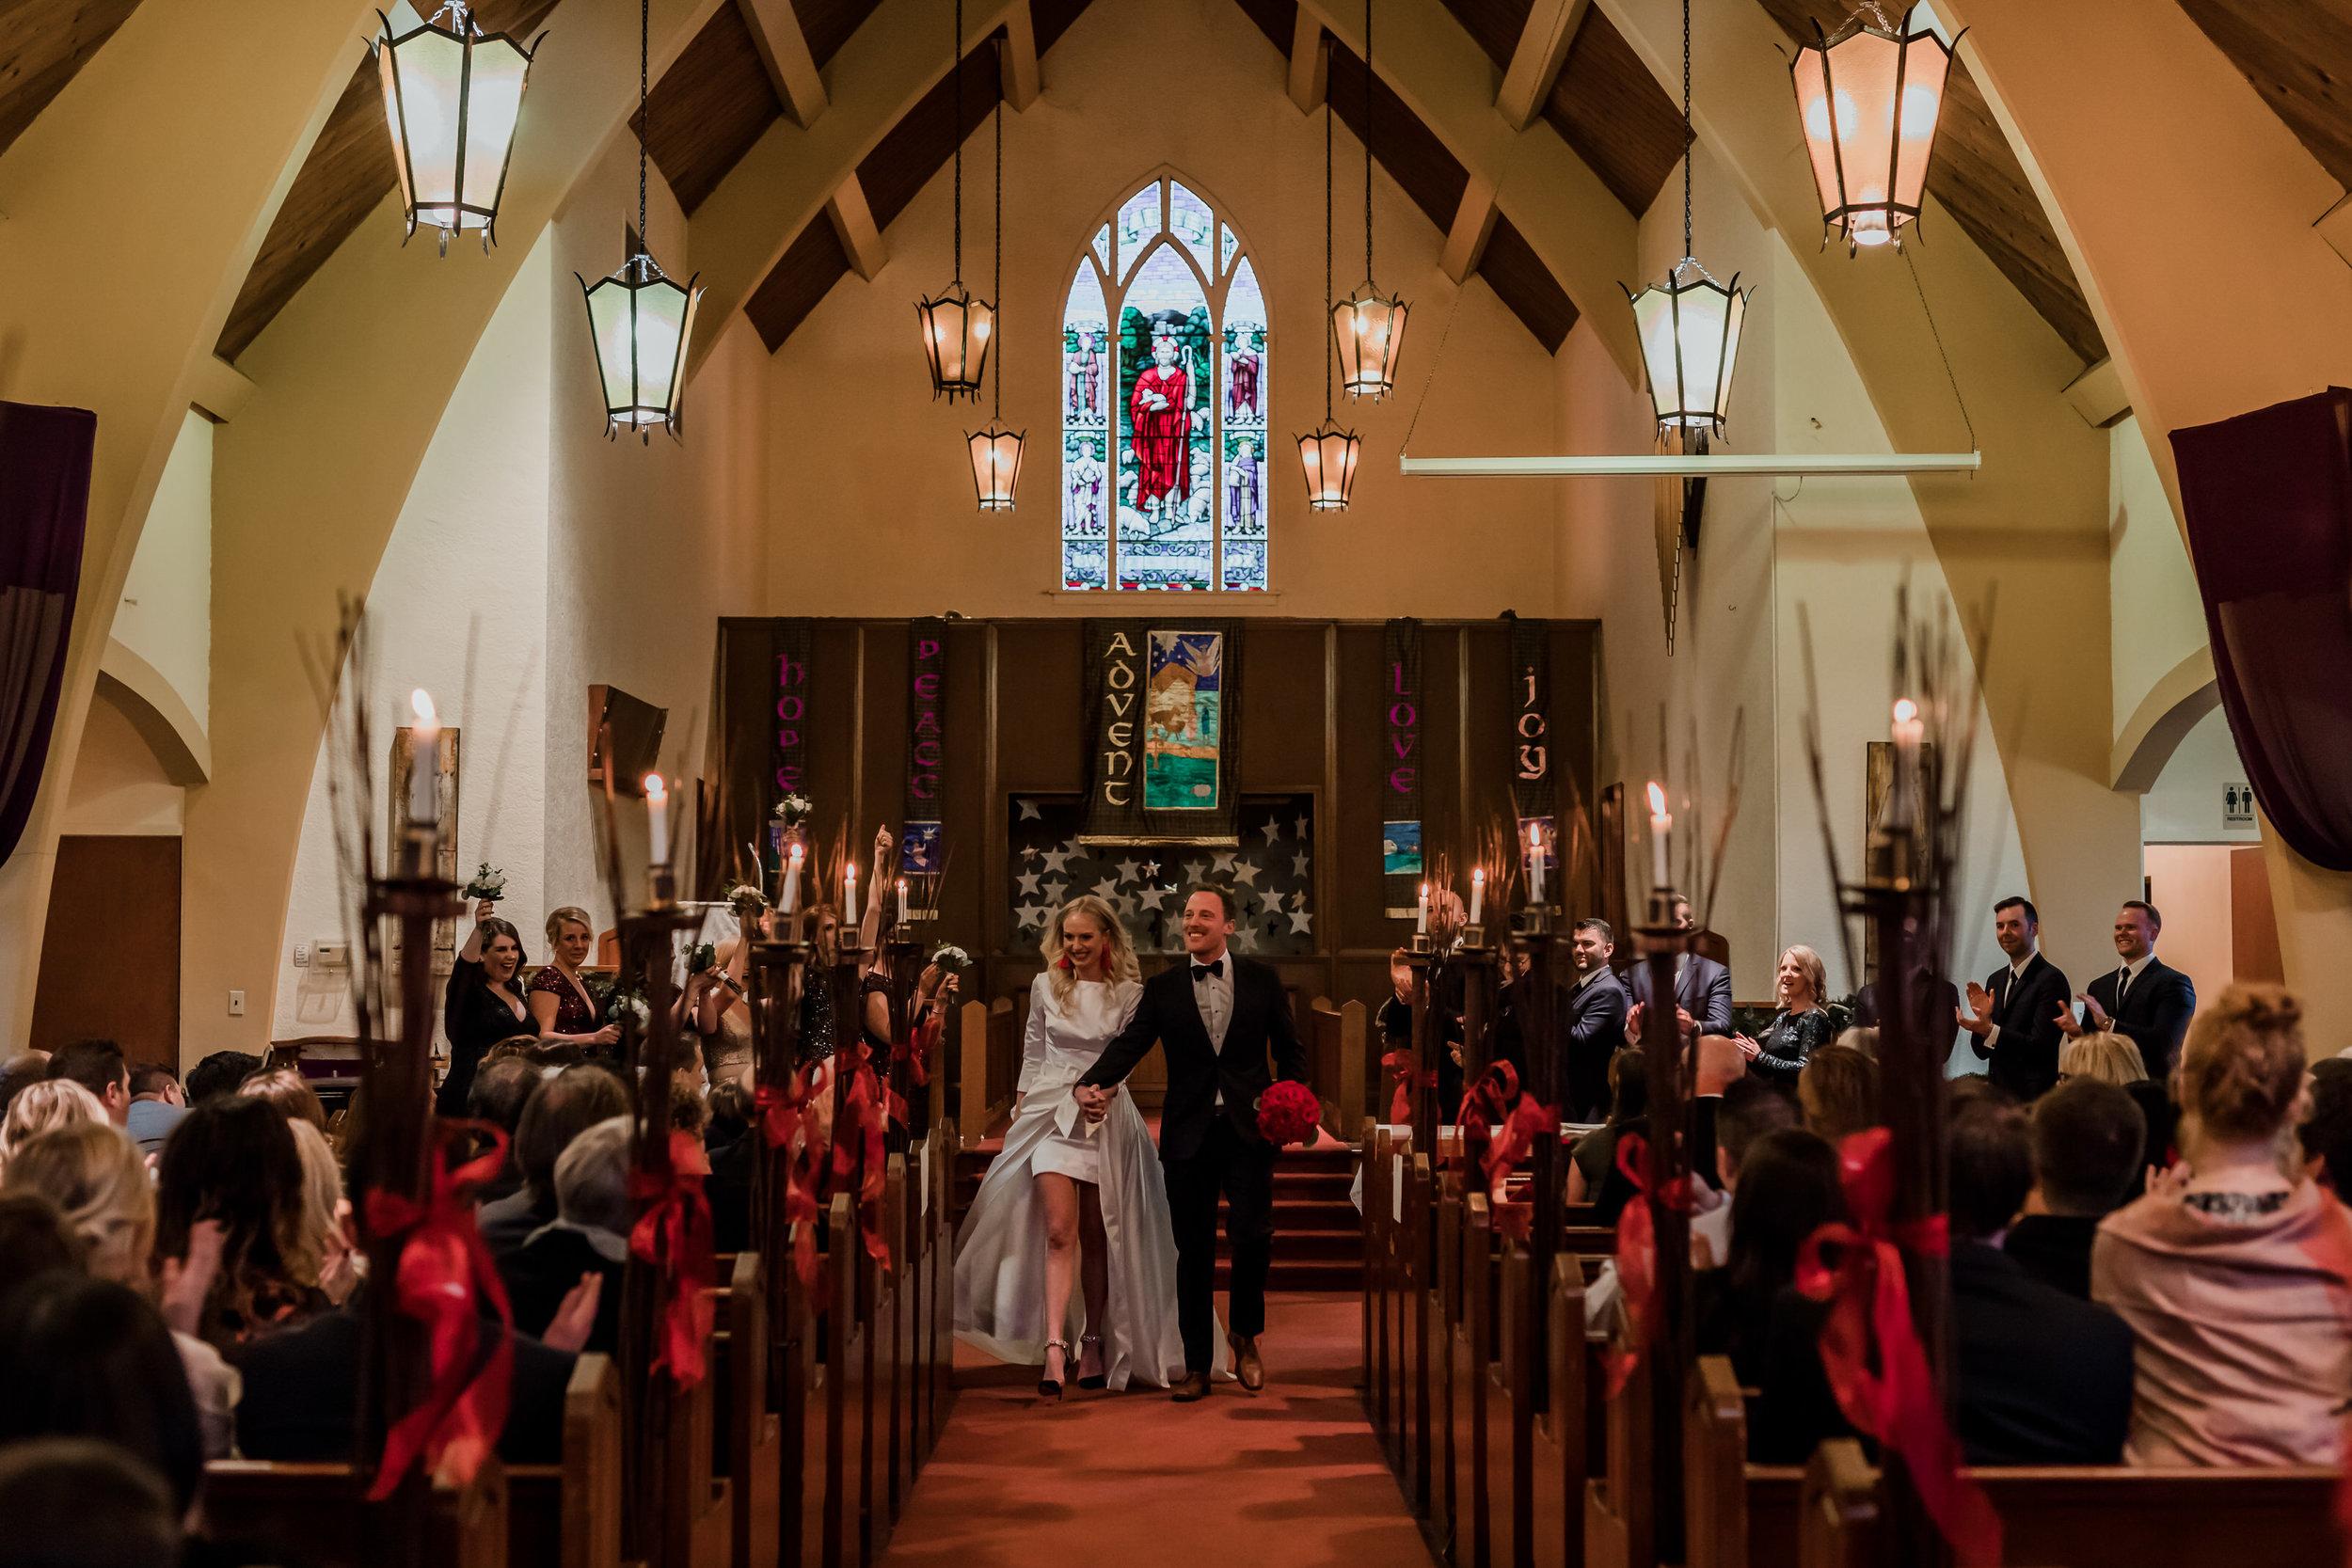 Vancouver New Years Eve Wedding - UBC Boathouse Wedding - Kitsilano Wedding Photos - Vancouver Wedding Photographer - Vancouver Wedding Videographer - 904.JPG